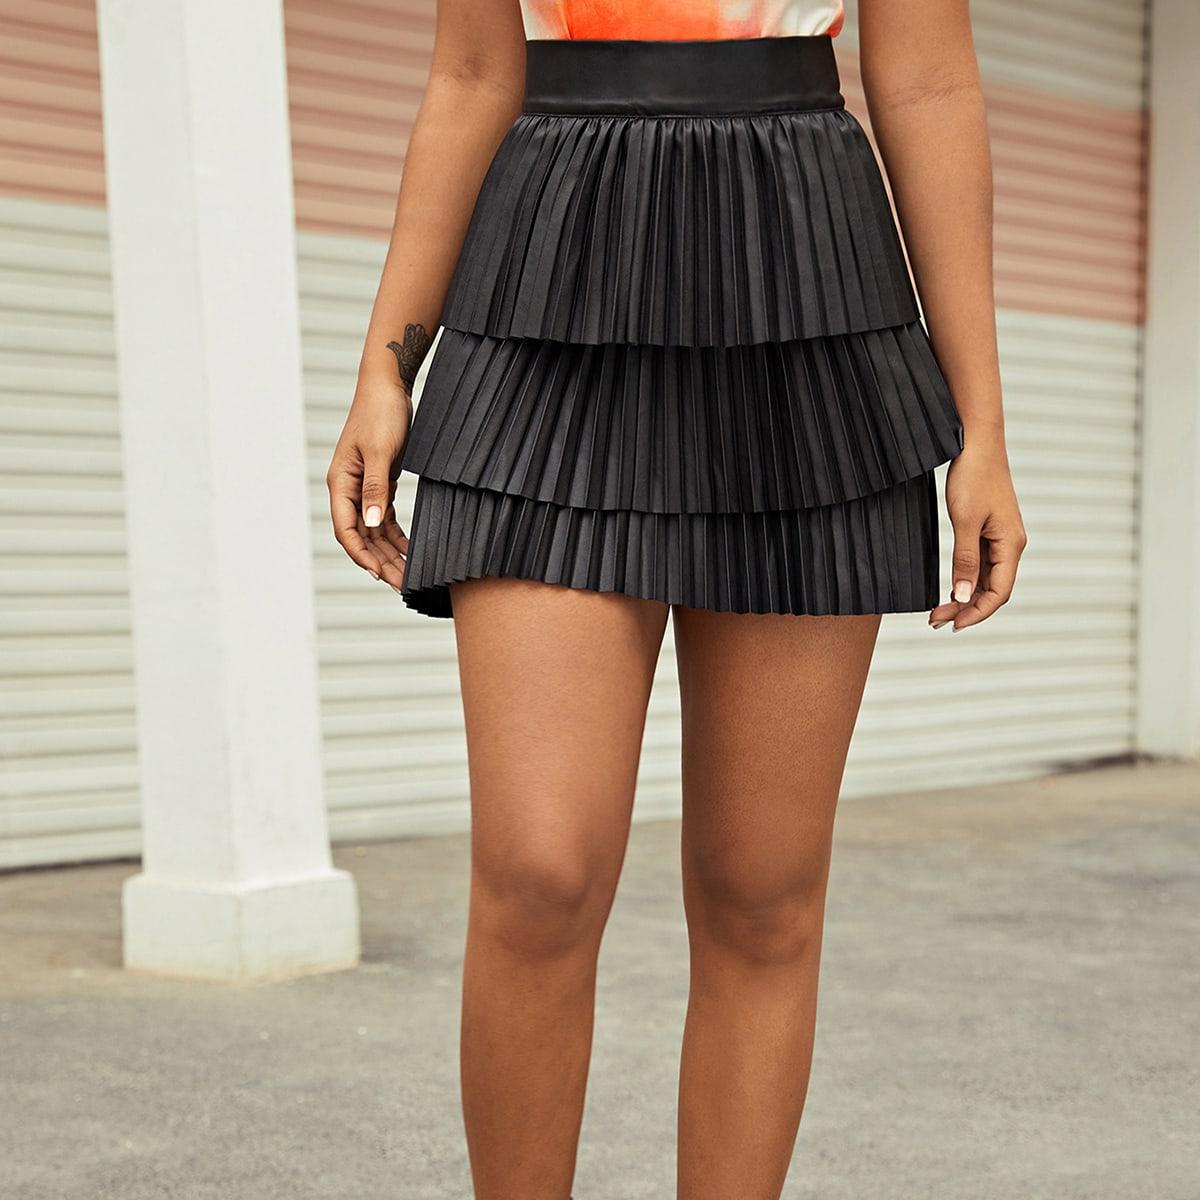 Многослойная плиссированная юбка из искусственной кожи с широкой талией